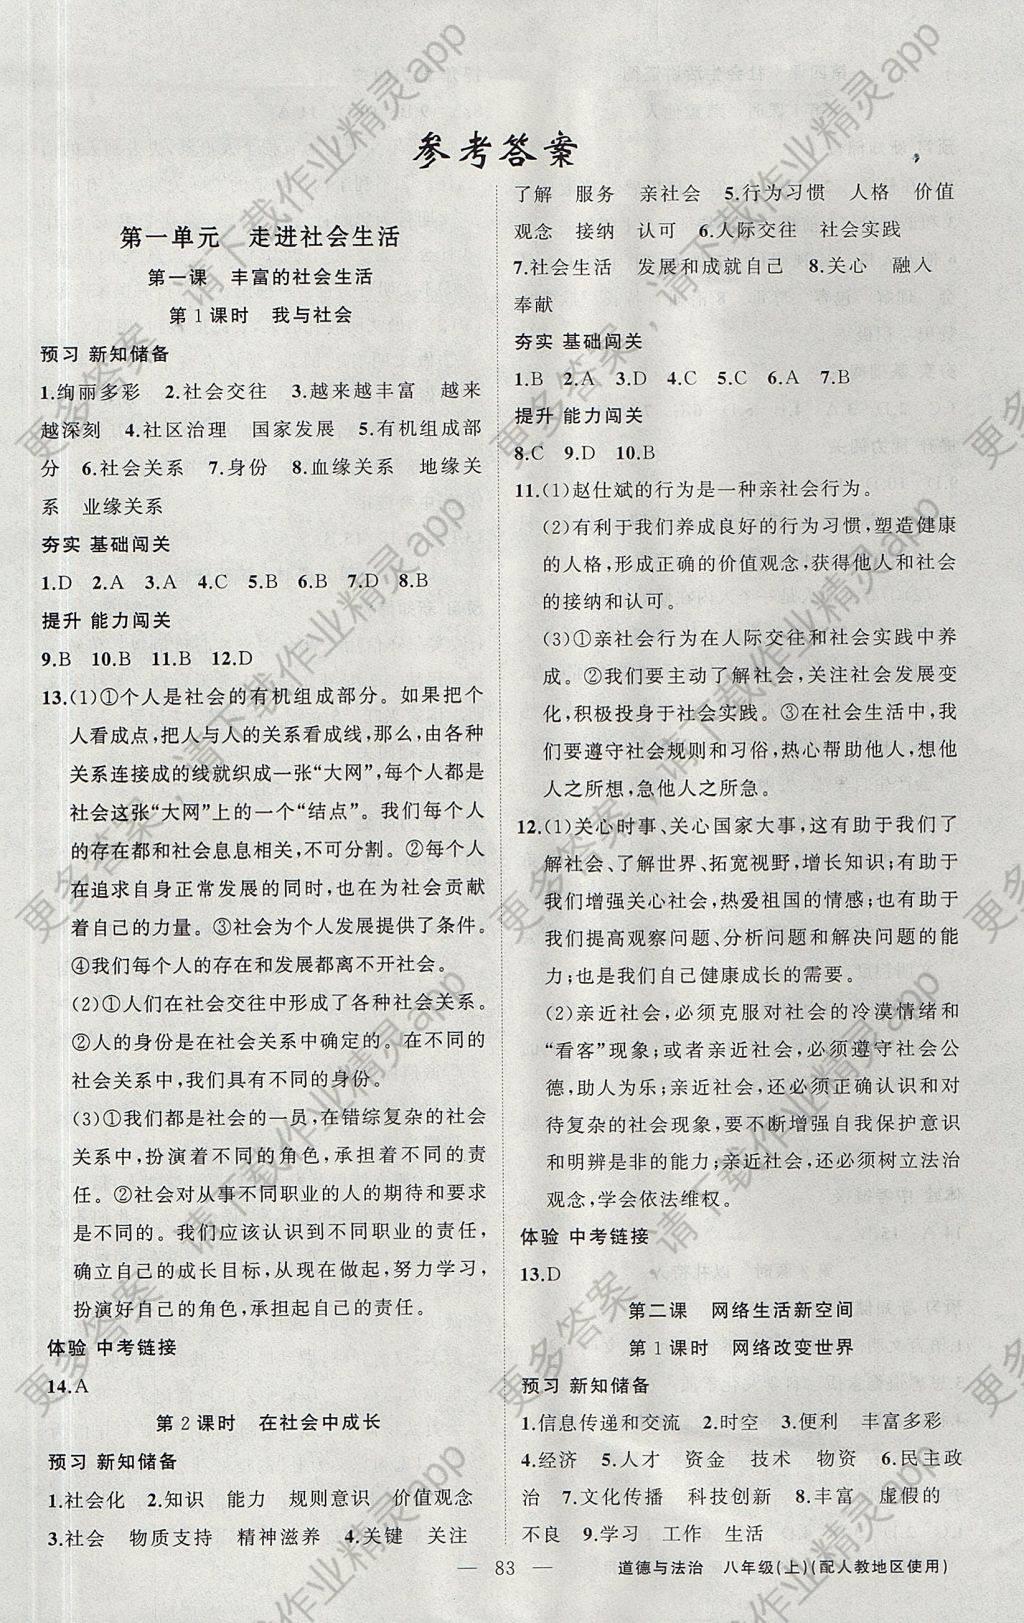 2017年黄冈100分闯关八年级道德与法治上册人教版 参考答案